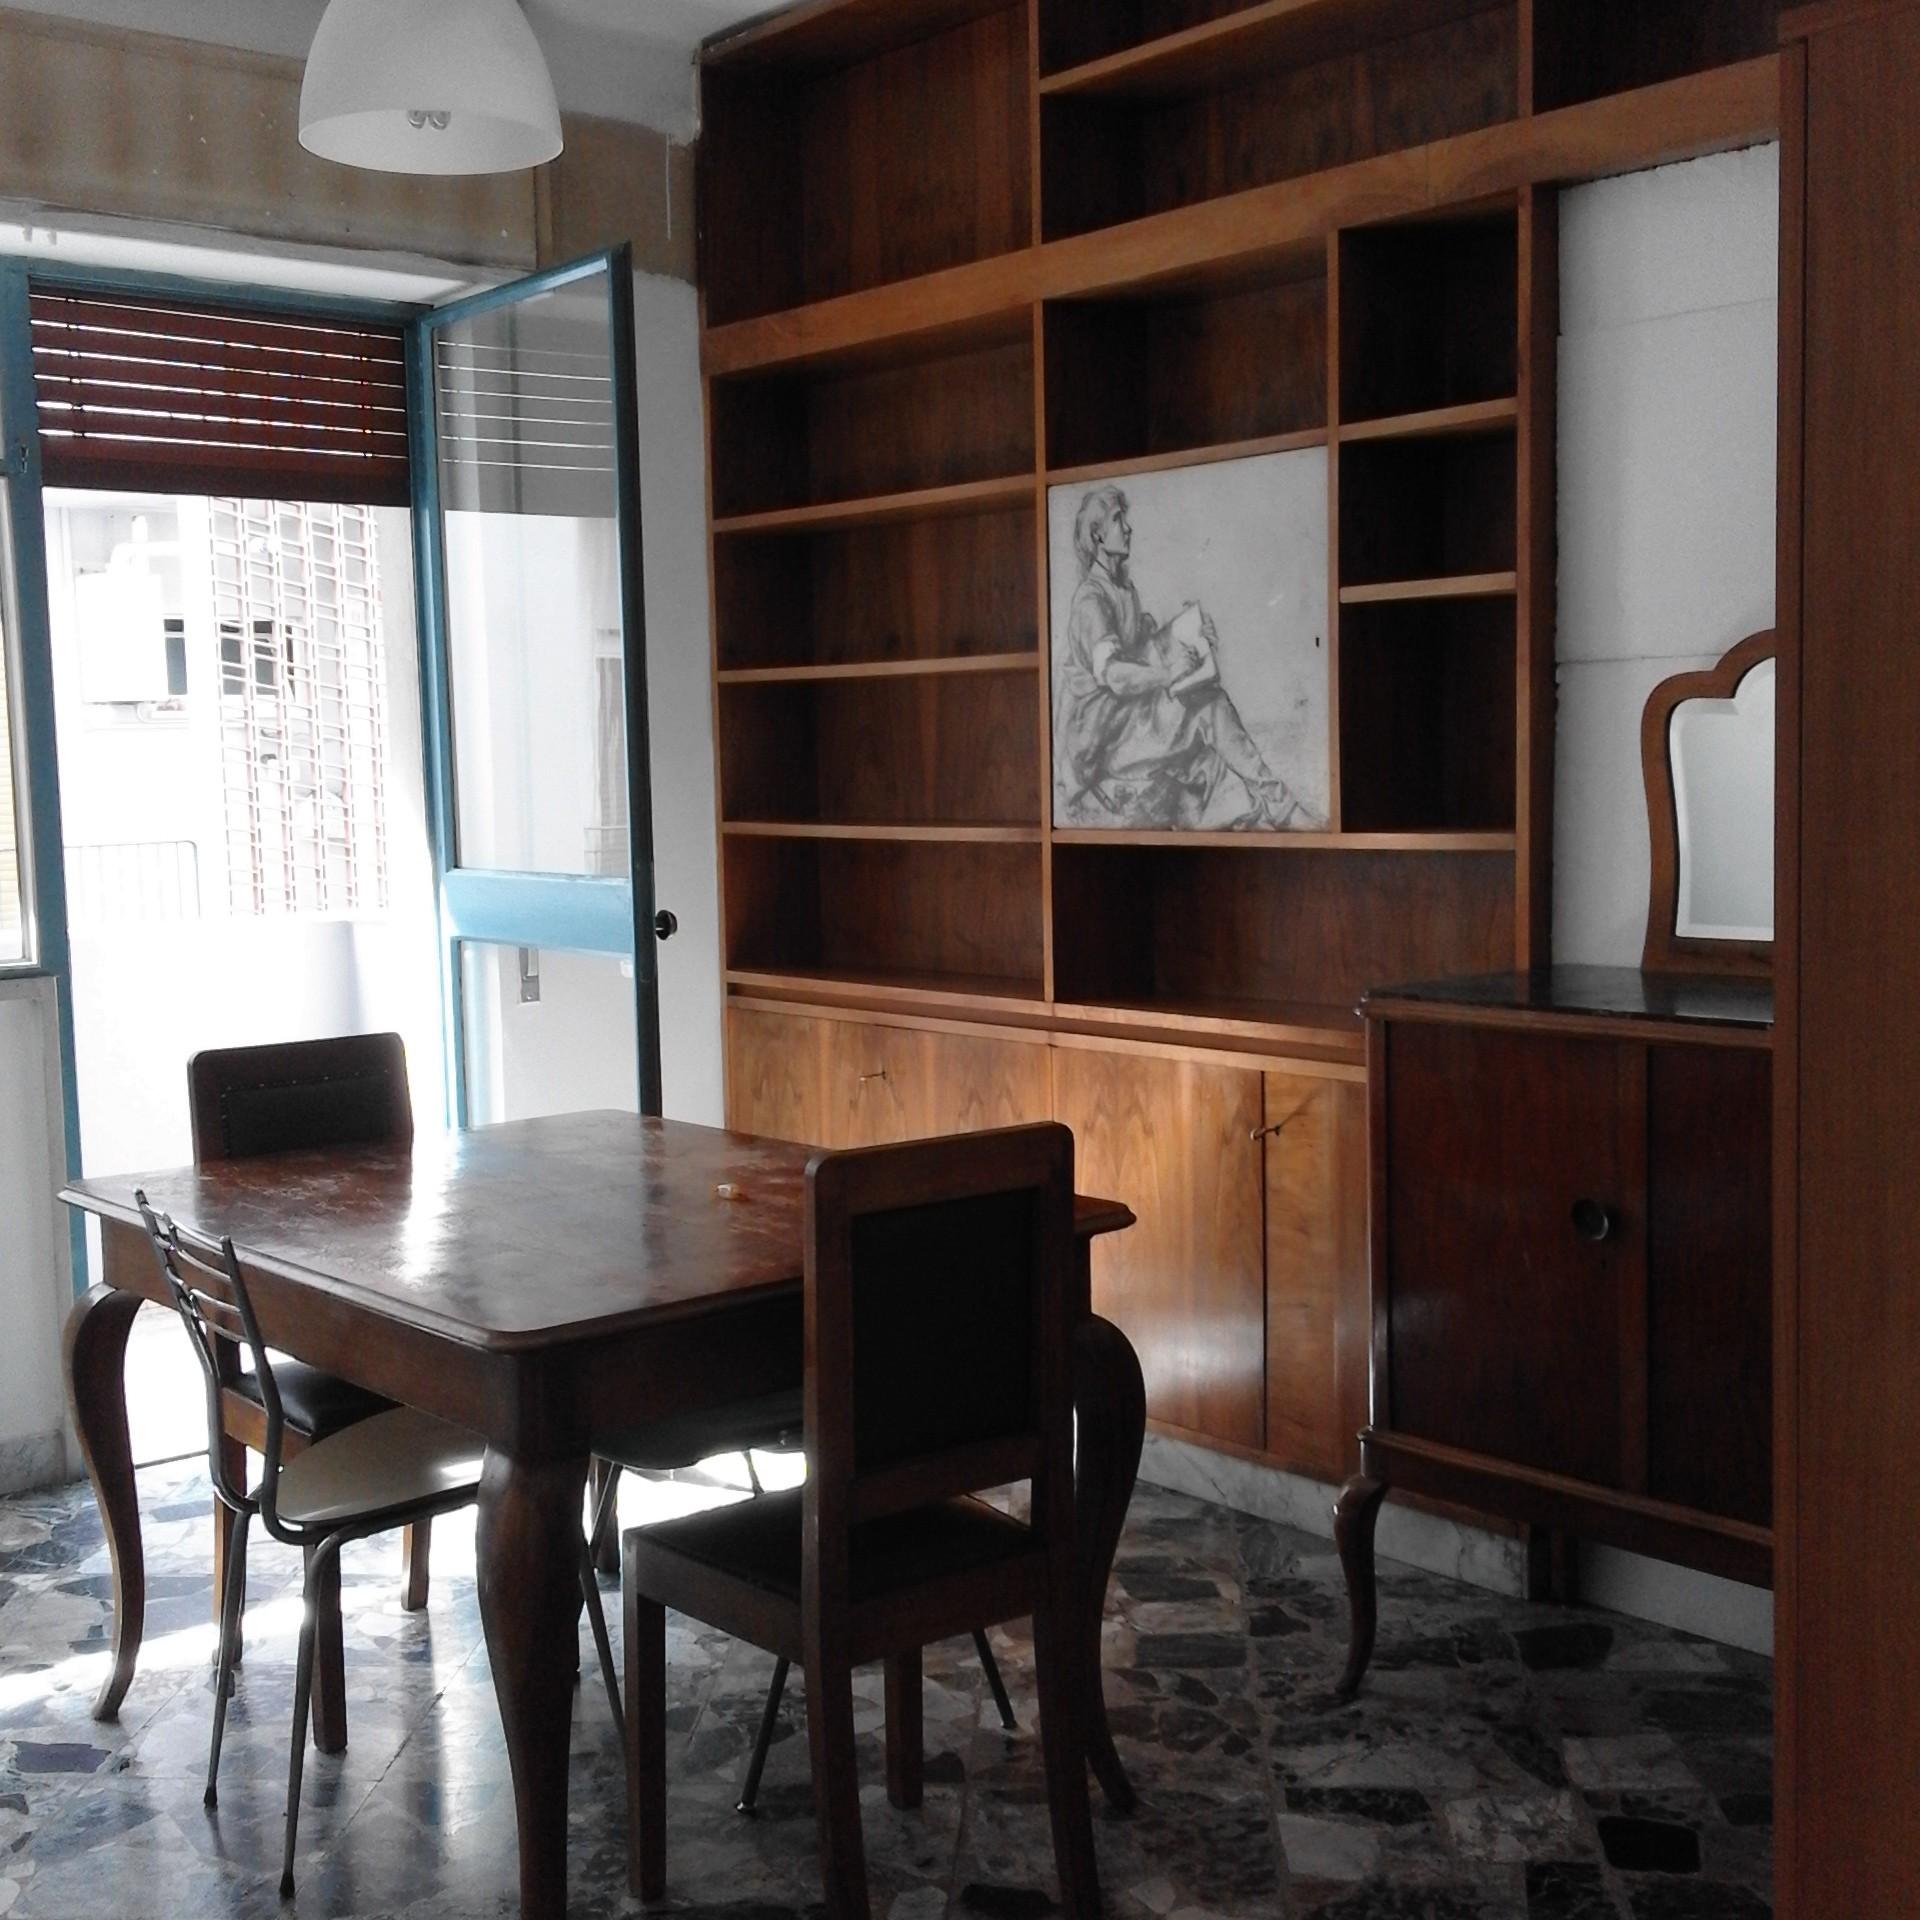 Stanze singole per studentesse serie e simpatiche stanza for Stanze in affitto bari